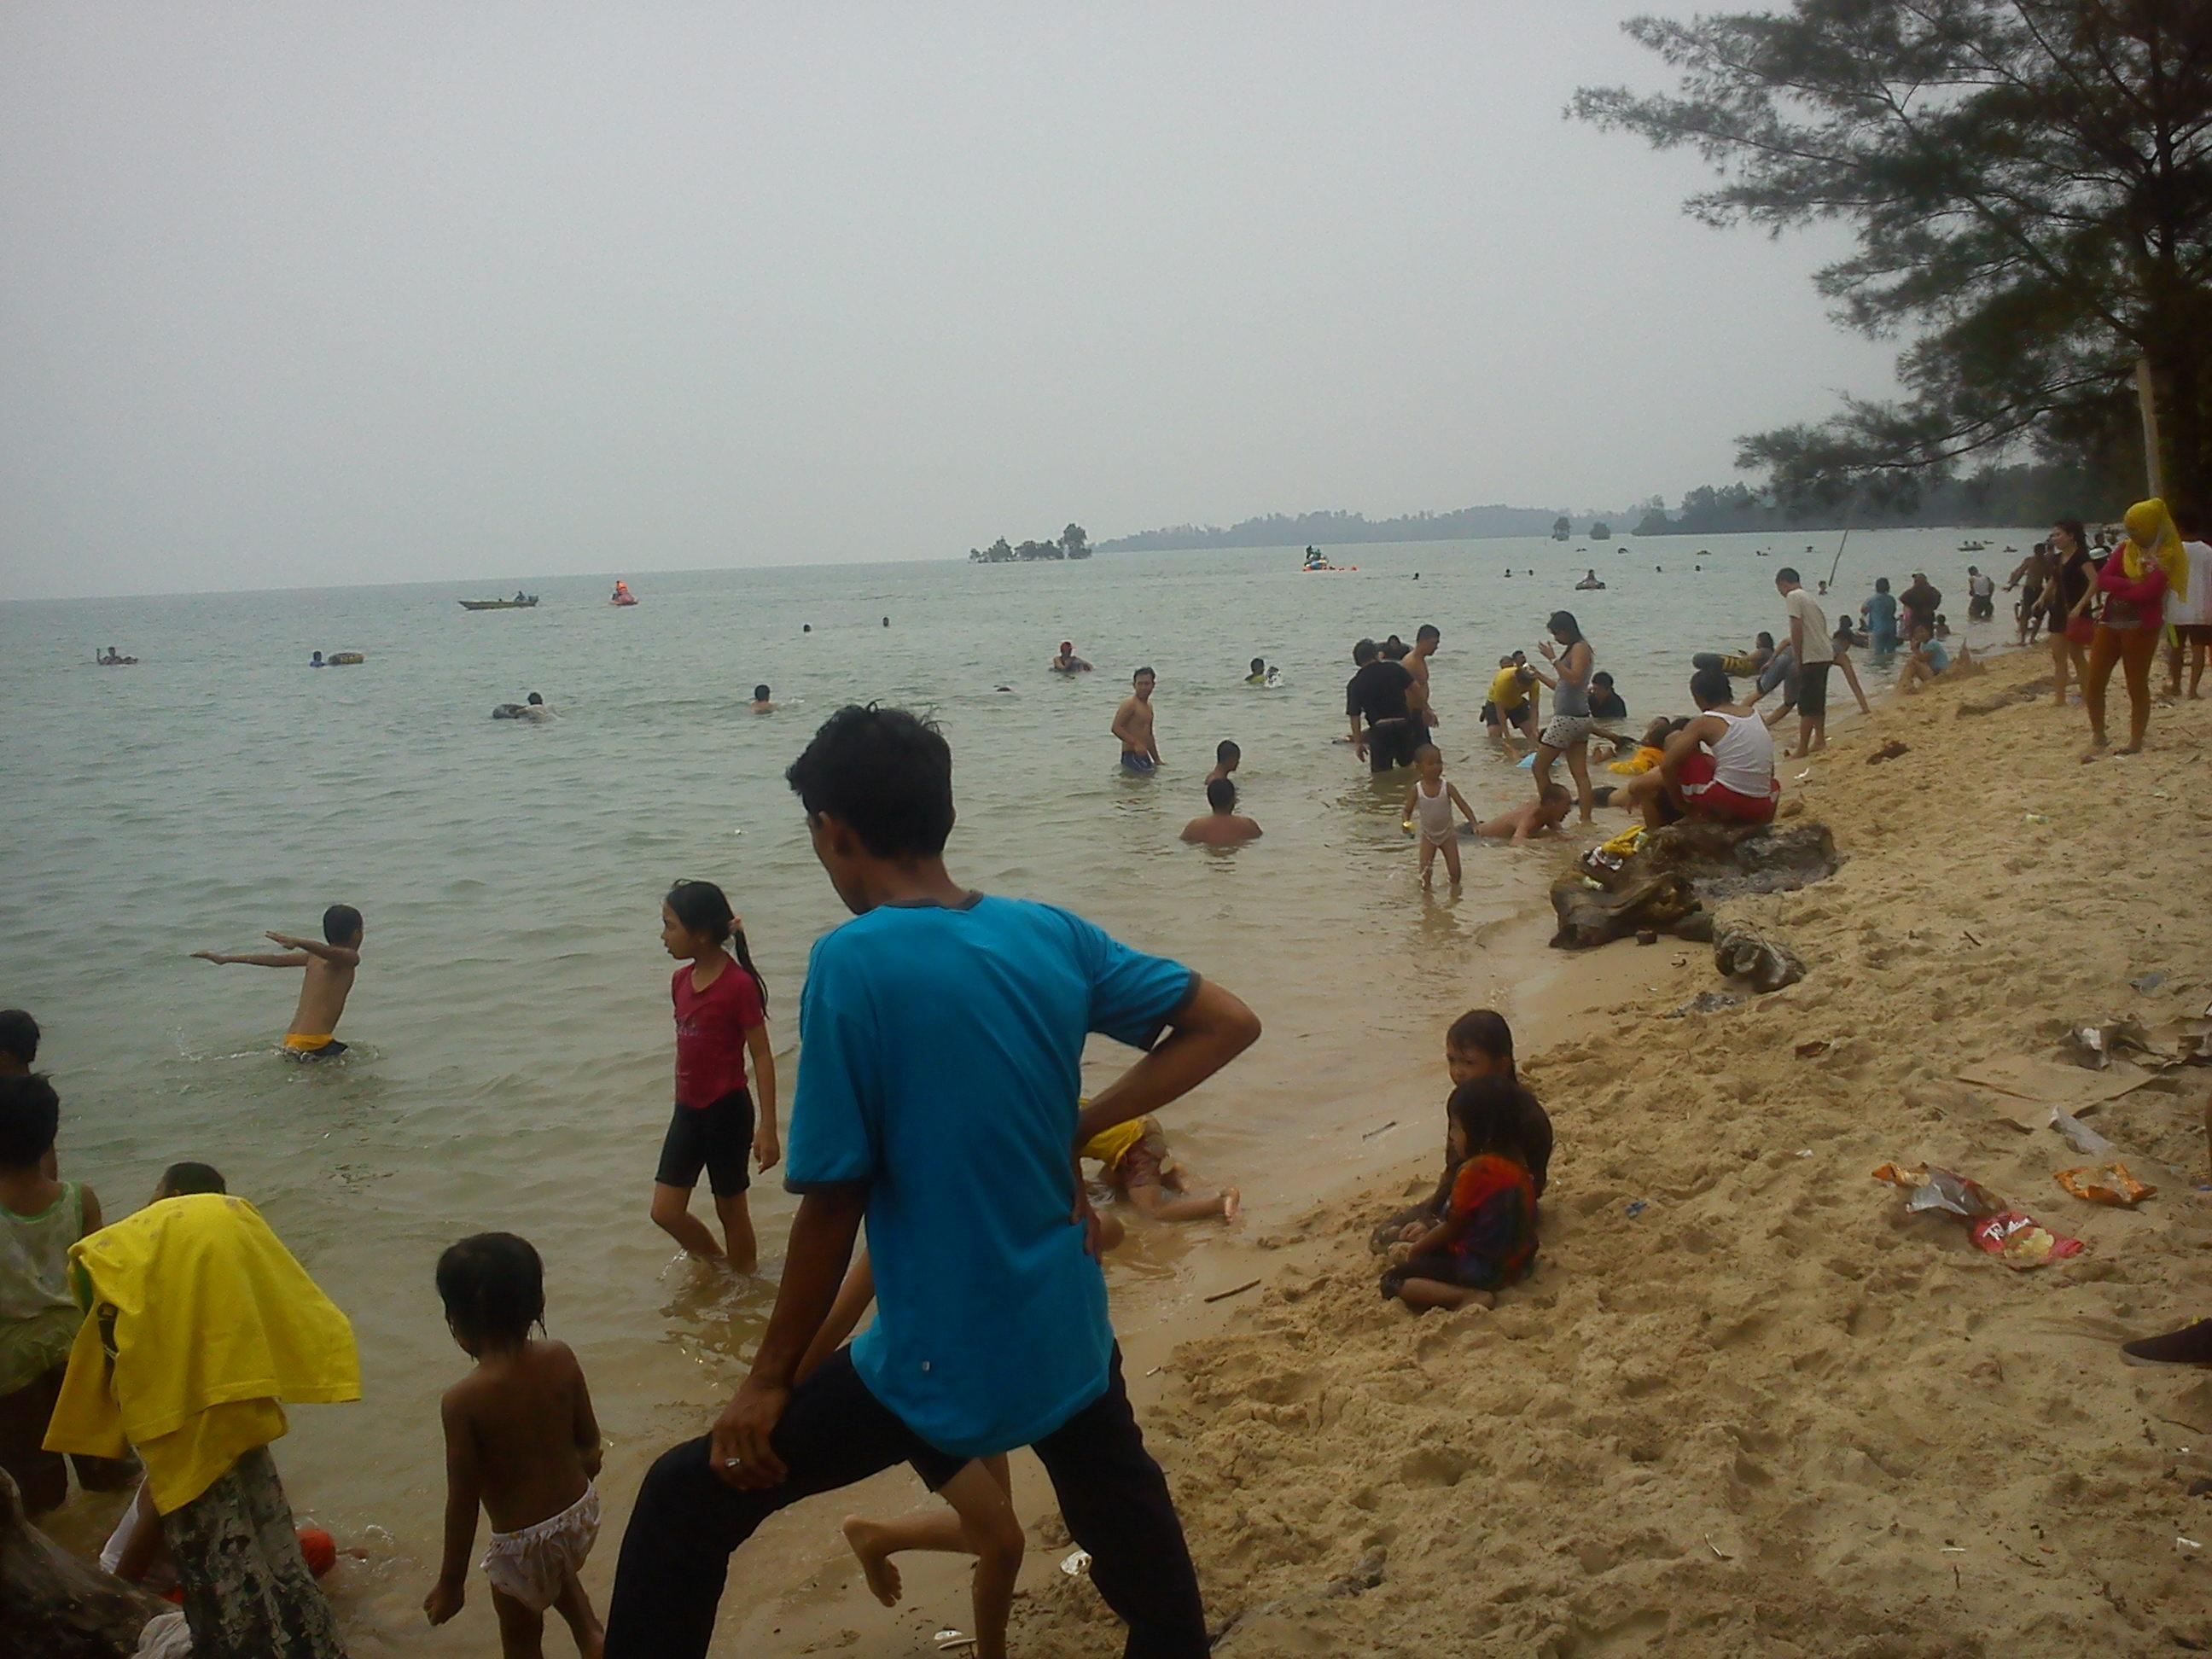 4 Jalan jalan ke Pantai Melayu Batam di Pulau Rempang, Kampung Kalat emerer.com